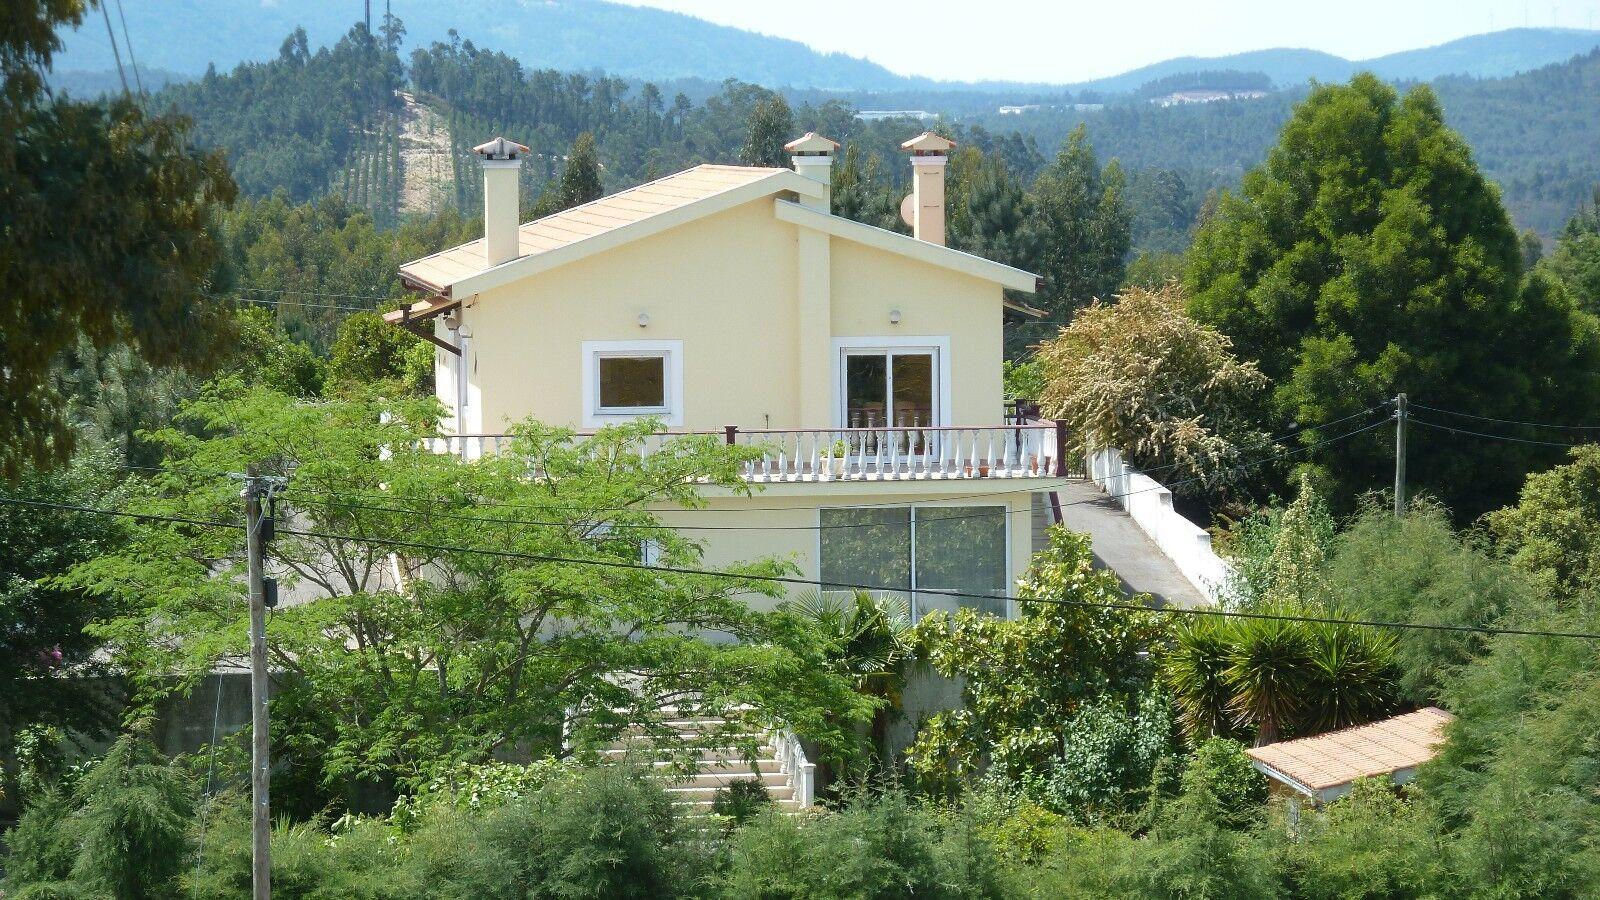 Haus / Ferienhaus in Portugal zu verkaufen - sofort beziehbar